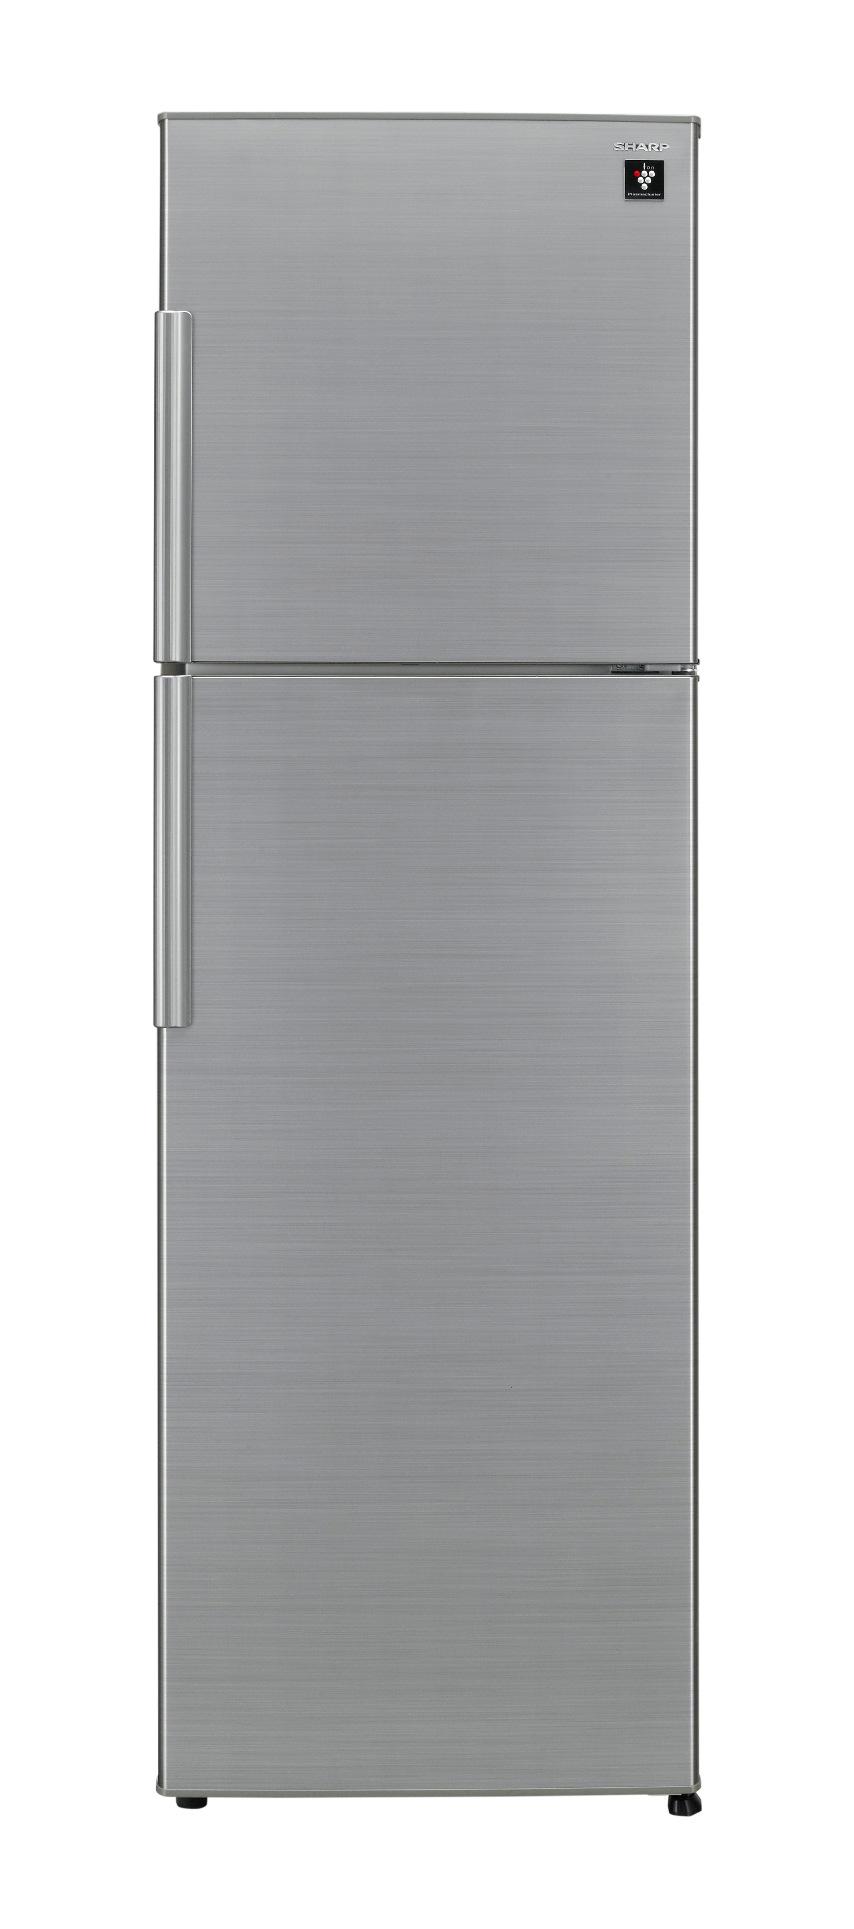 ตู้เย็น 2 ประตู SHARP รุ่น SJ-S25P-SL โทรเล้ย 0972108092